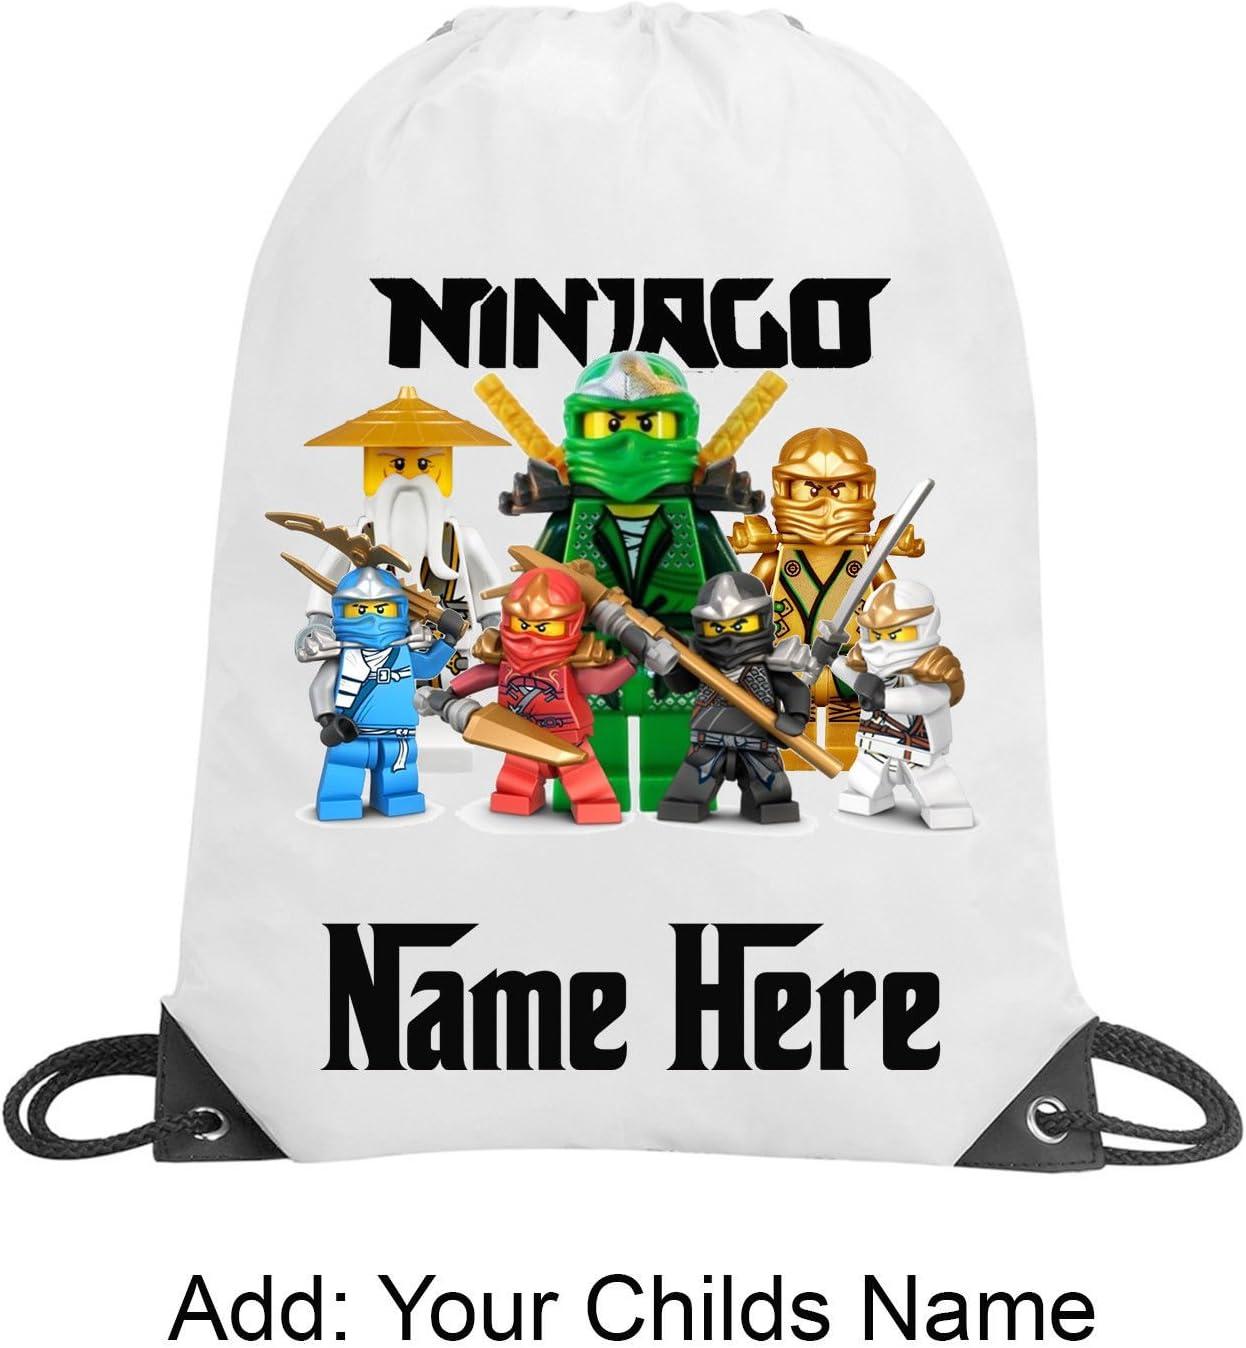 Ninjago Sac /à cordon personnalis/é unisexe